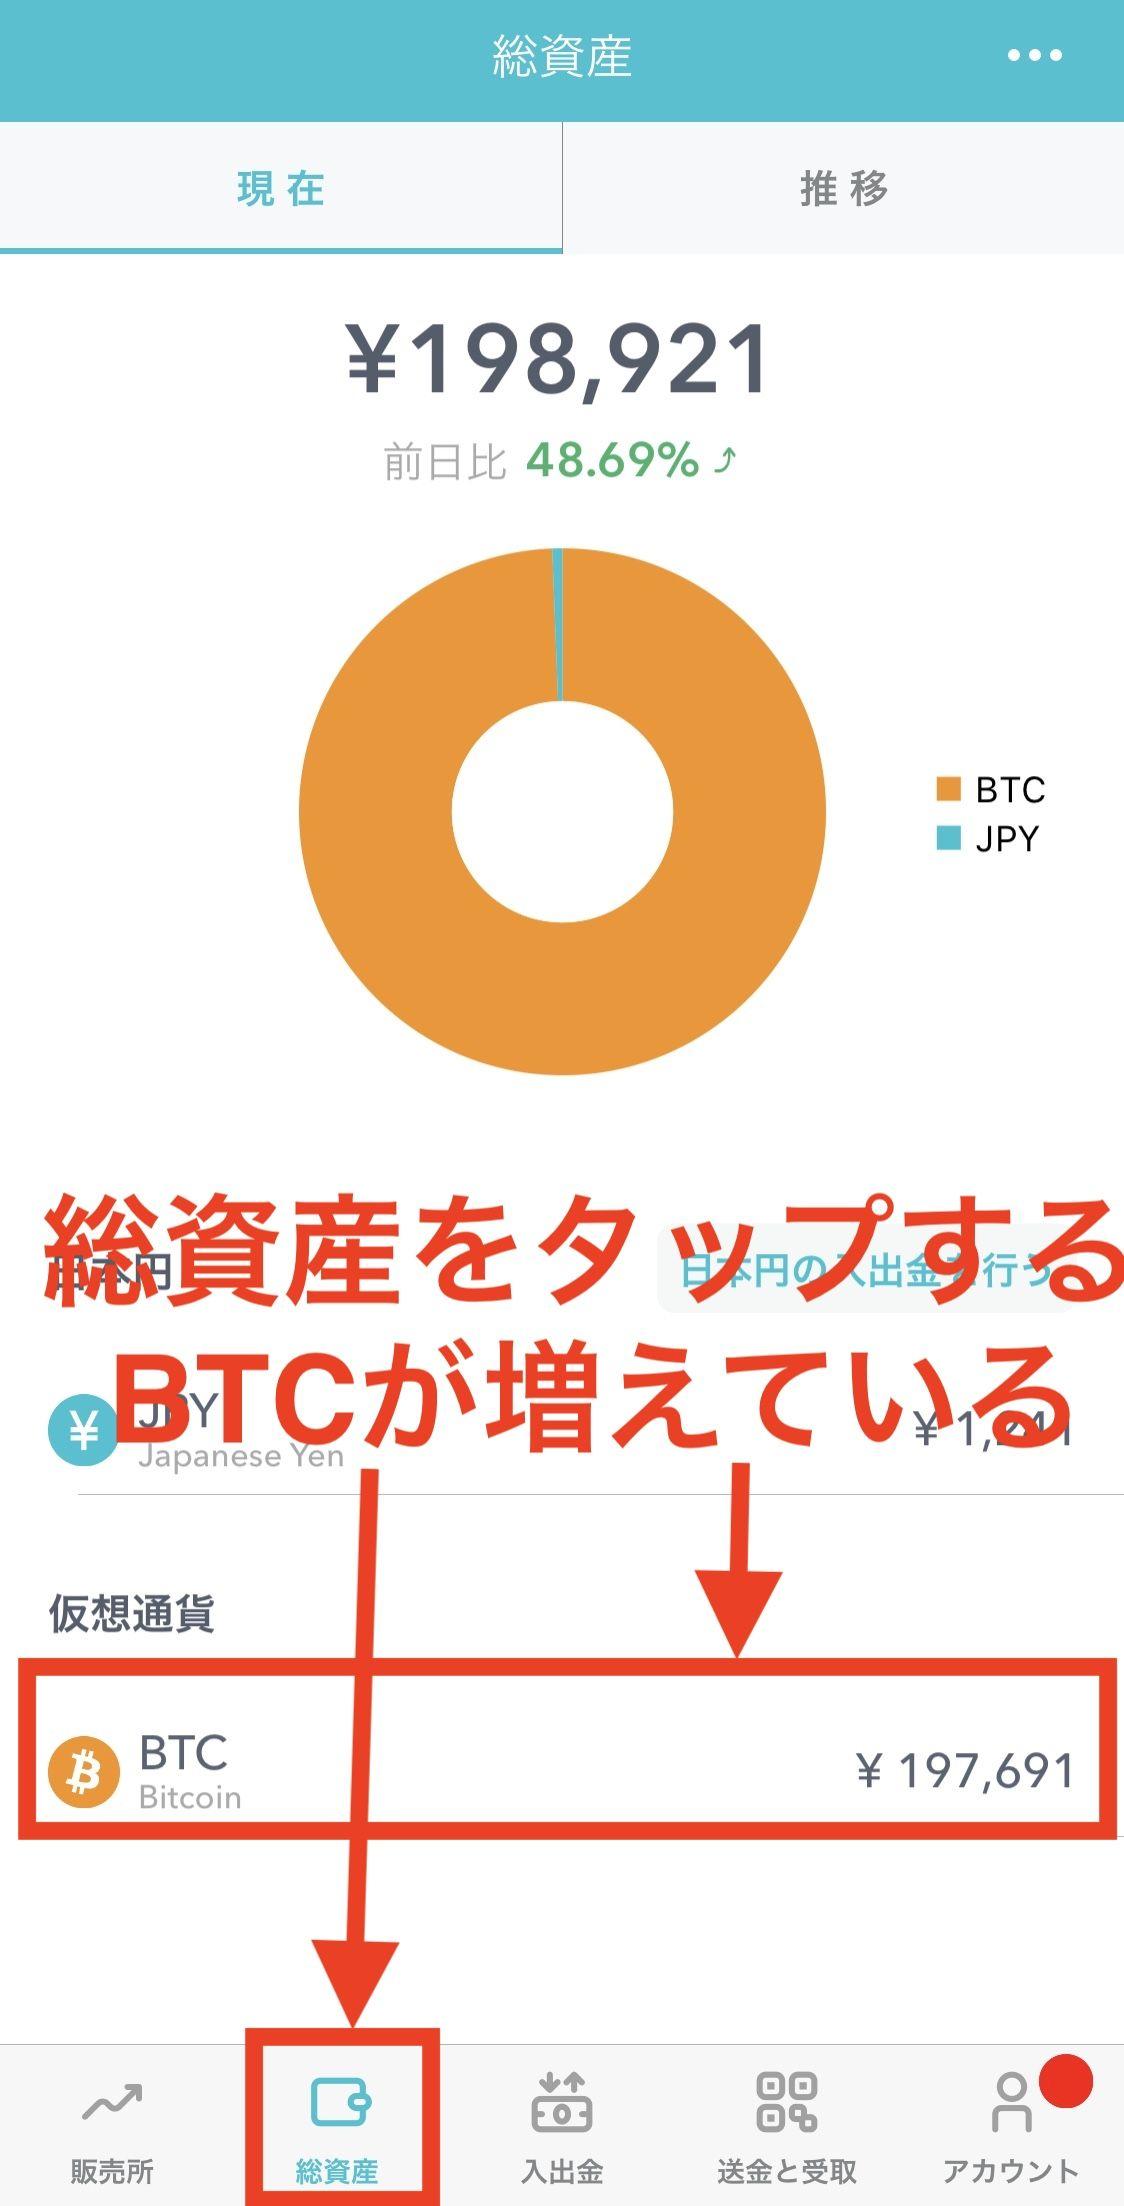 実験:予算10万円でビットコイン投資した結果… | お金を増やすブログ|53才からでも間に合いますか?